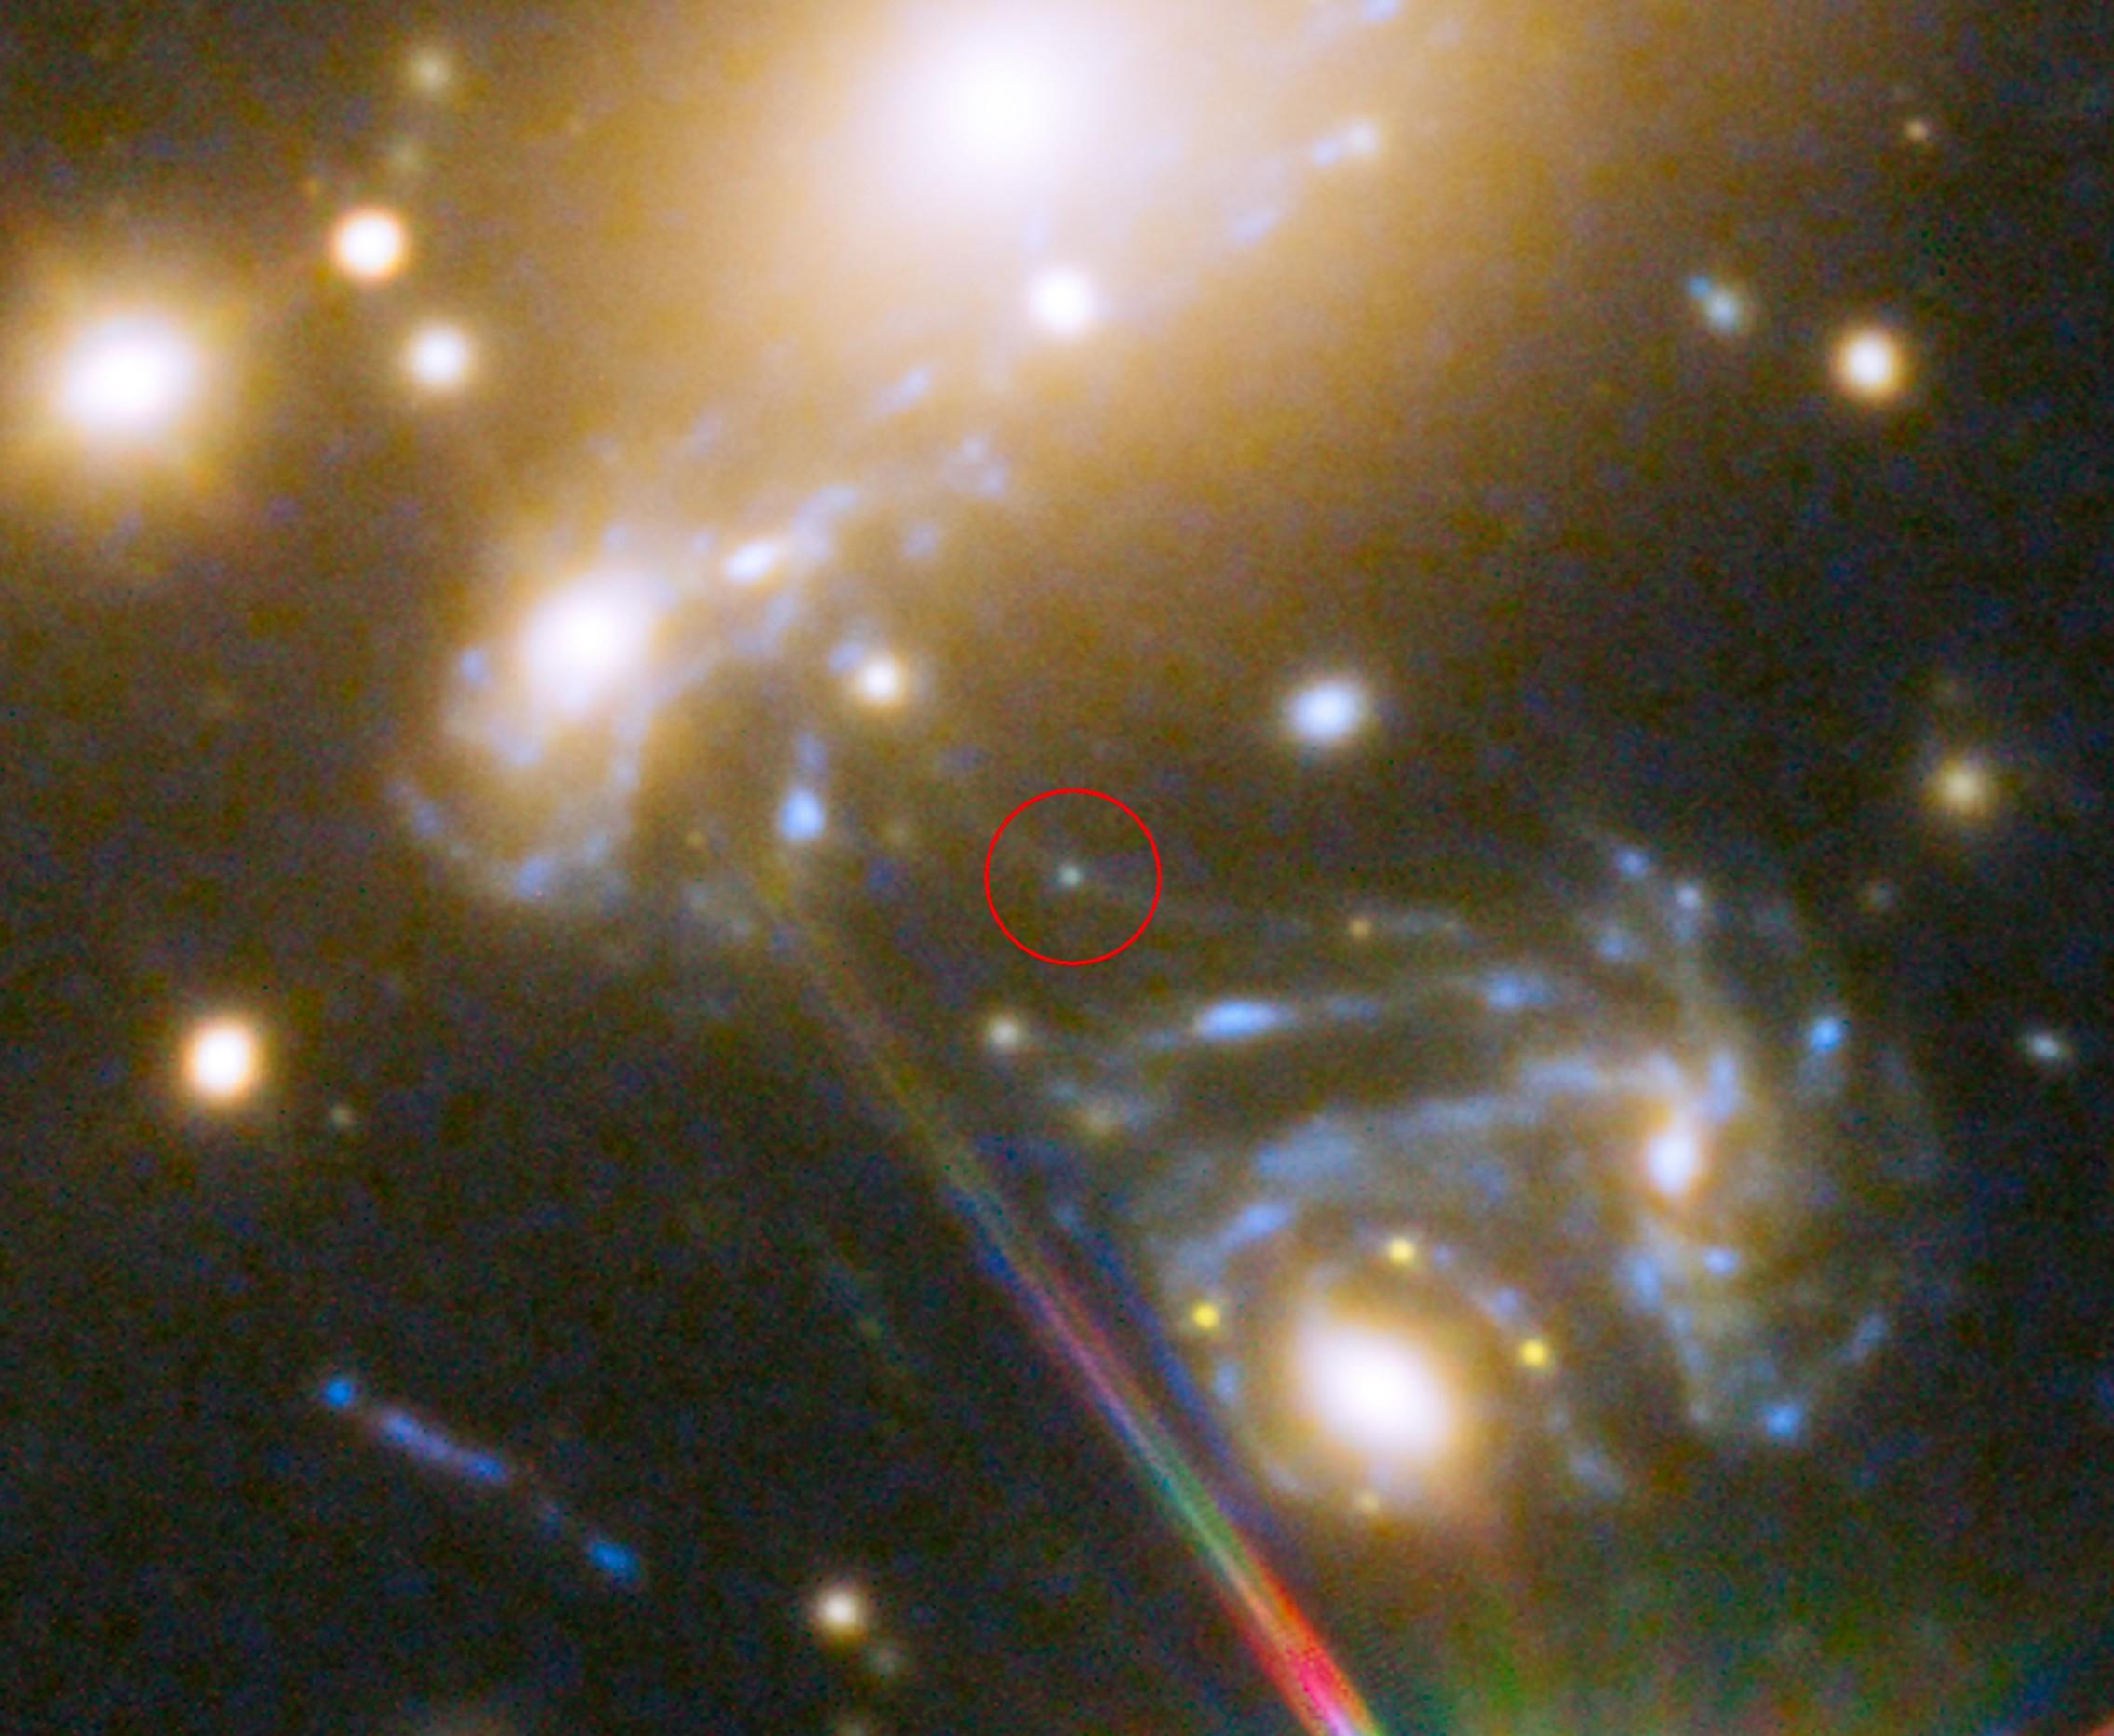 Imagem feita pelo telescópio Hubble mostra localização da estrela LS1 dentro do gigantesco aglomerado de galáxias MACS J1149.5+223 (Foto: NASA, ESA, S. Rodney (John Hopkins University, USA) e equipe FrontierSN; T. Treu (University of California Los Angeles, USA), P. Kelly (University of California Berkeley, USA) e equipe GLASS; J. Lotz (STScI) e equipe Frontier Fields; M. Postman (STScI) e equipe CLASH; and Z. Levay (STScI))